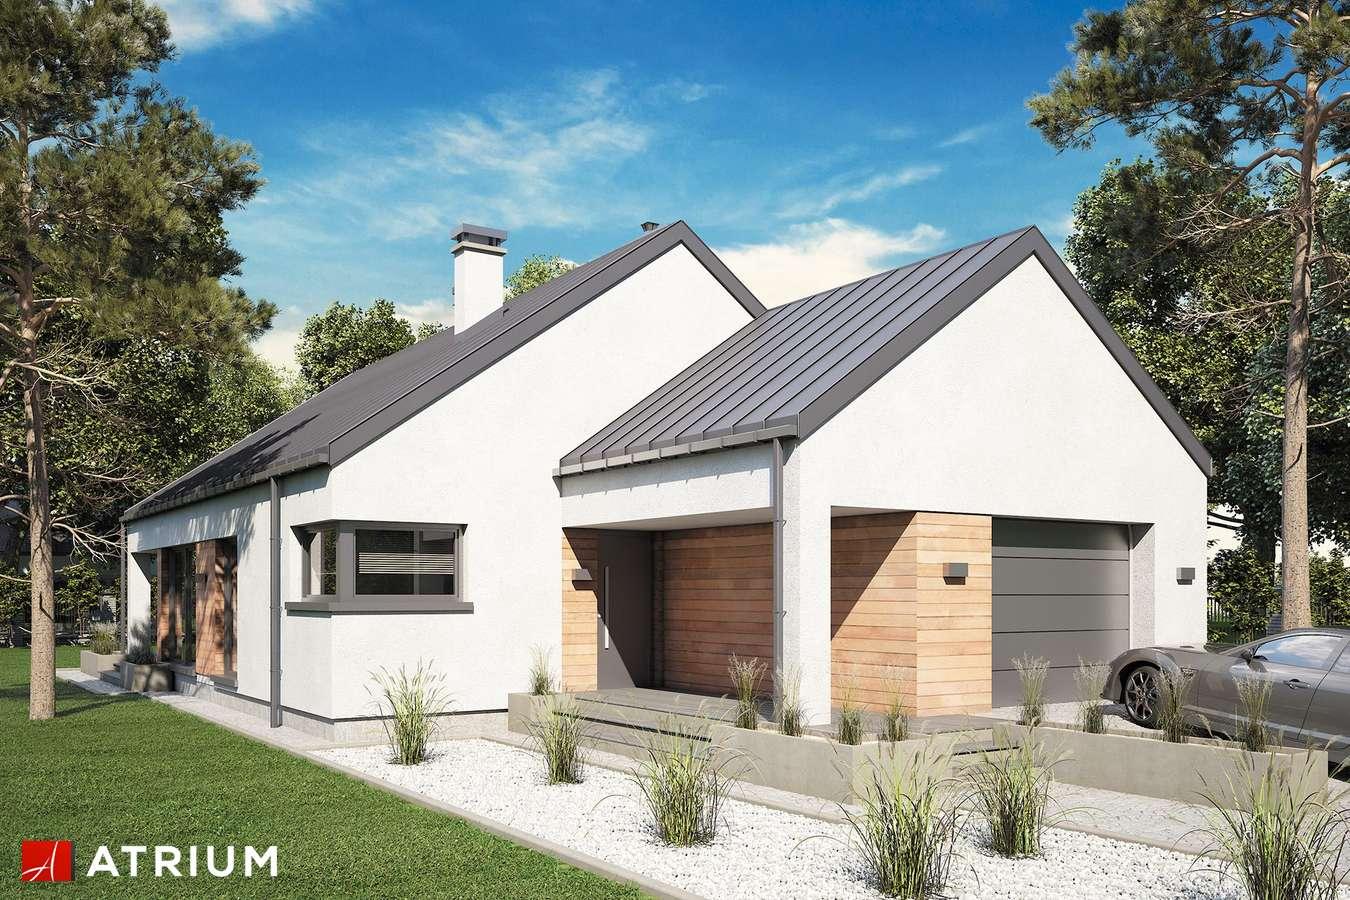 Projekty domów - Projekt domu parterowego PELIKAN SLIM VI - wizualizacja 1